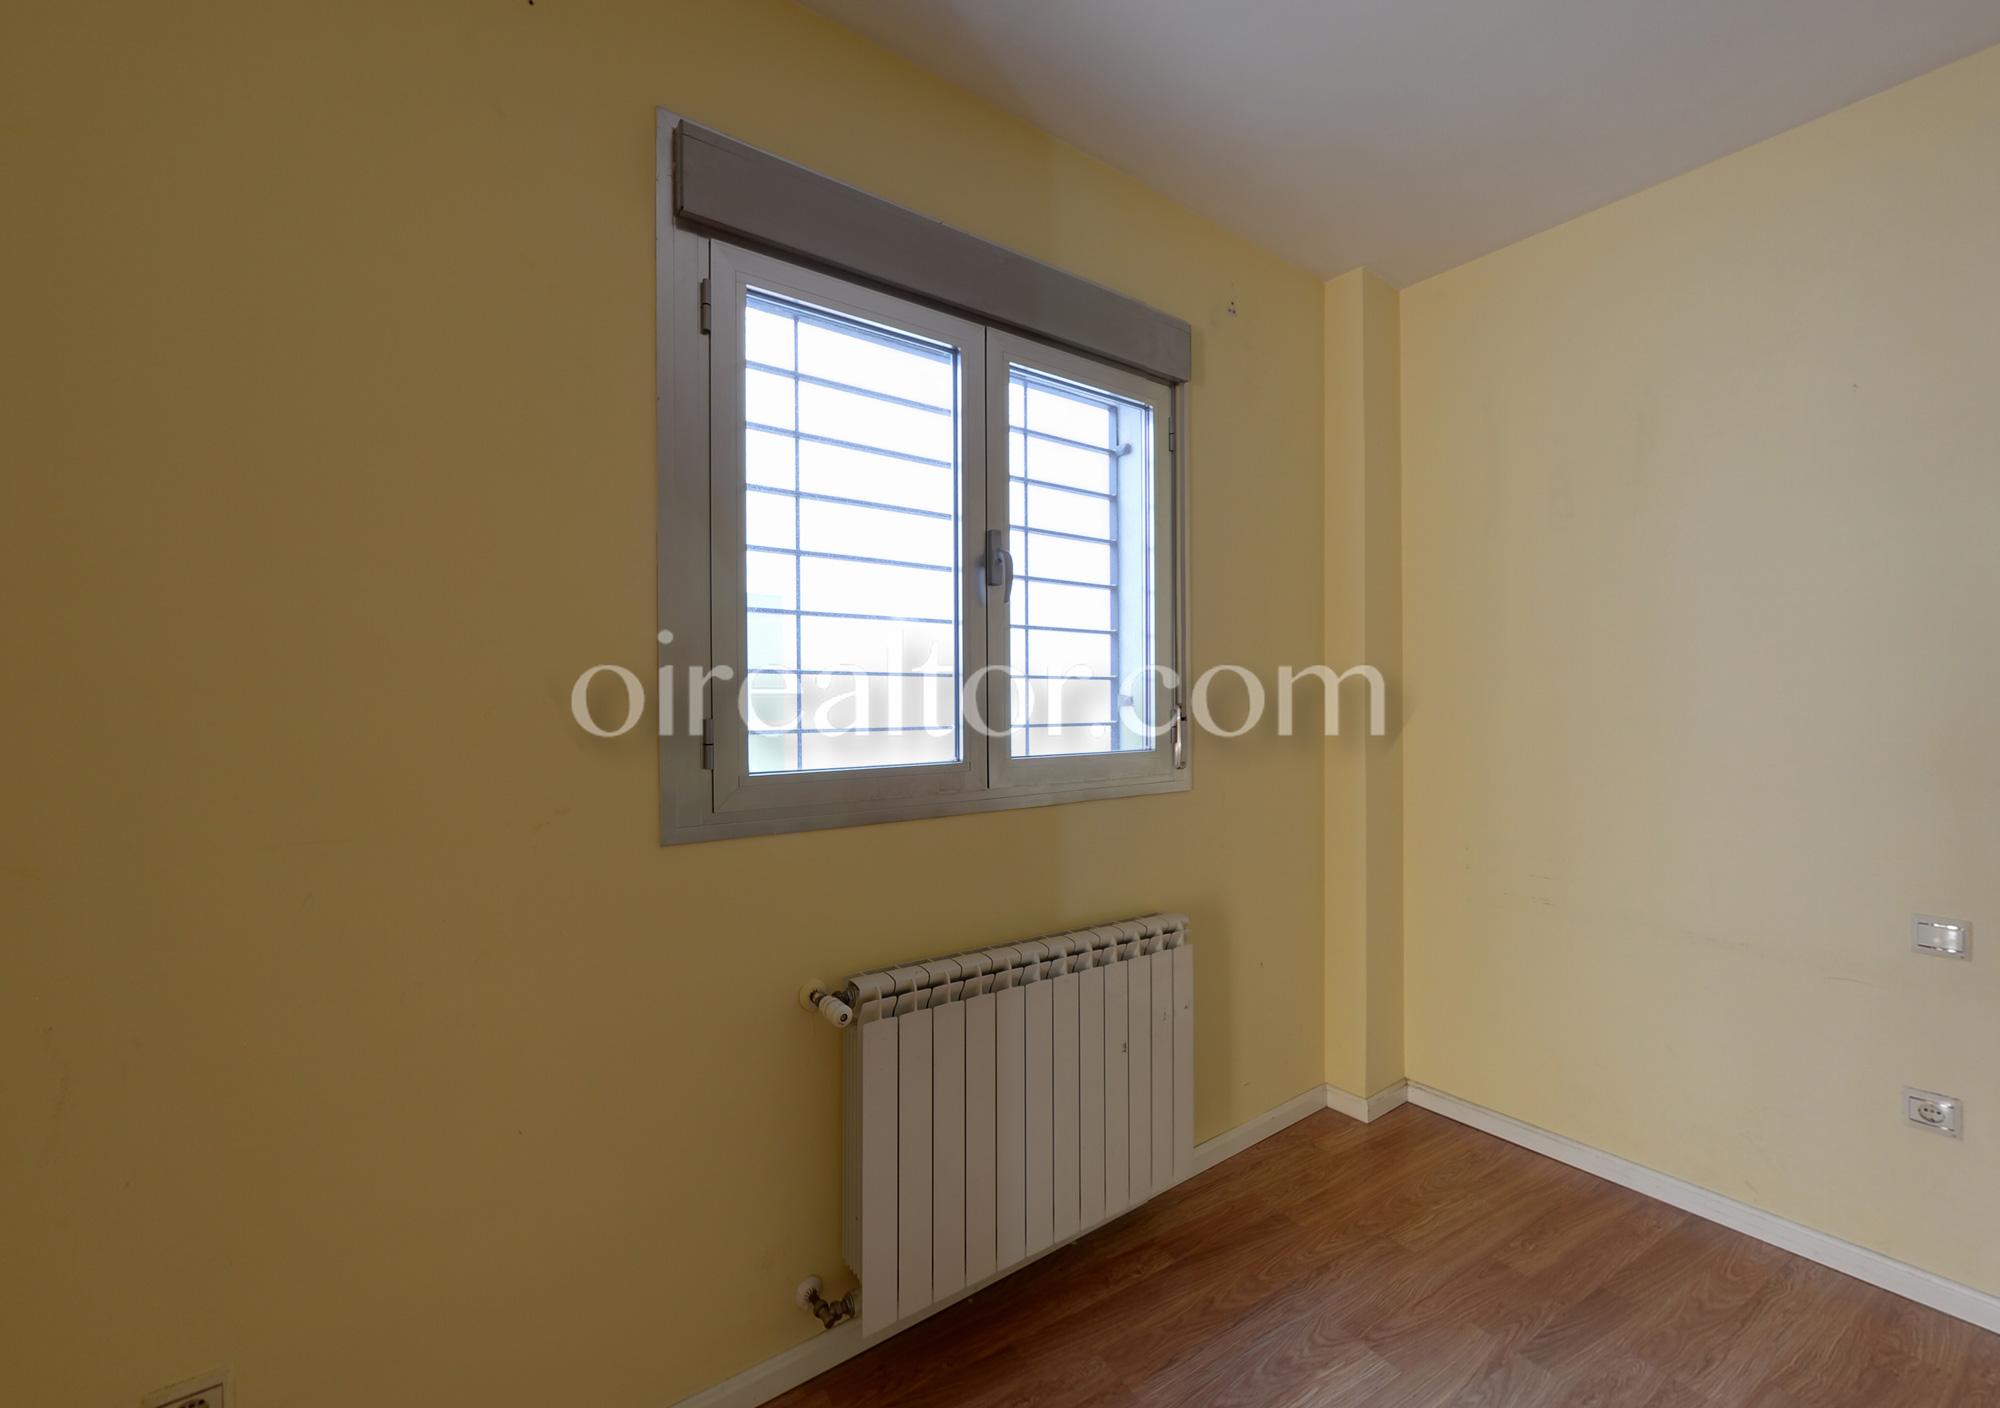 Продается квартира в Тетуане, Мадрид